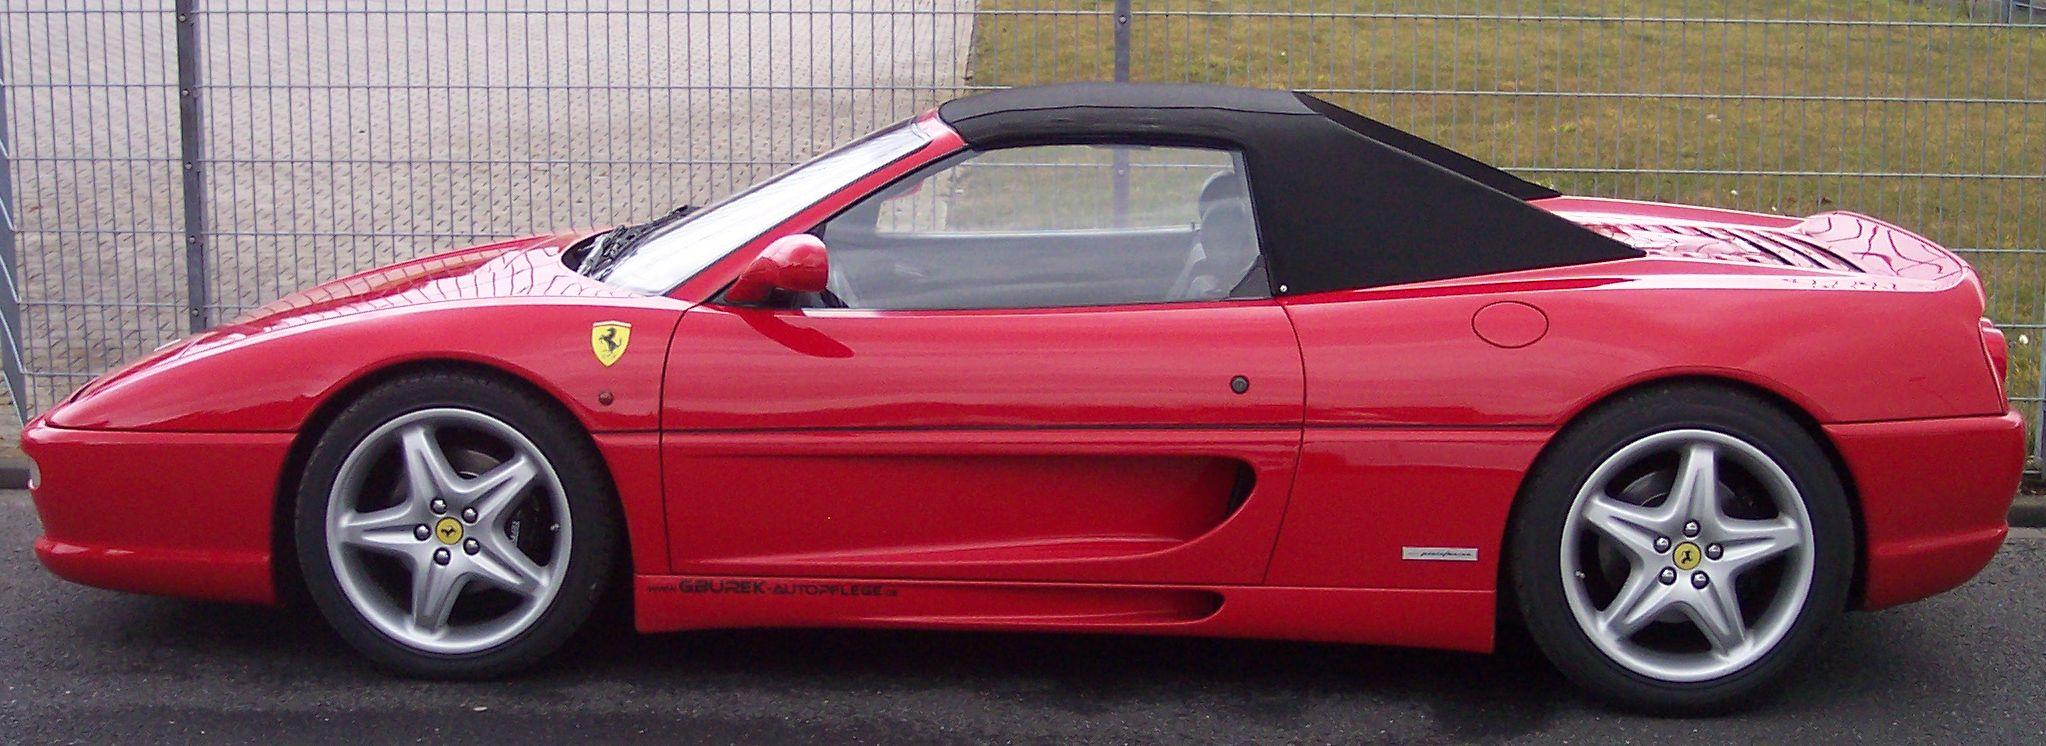 FERRARI 355 red